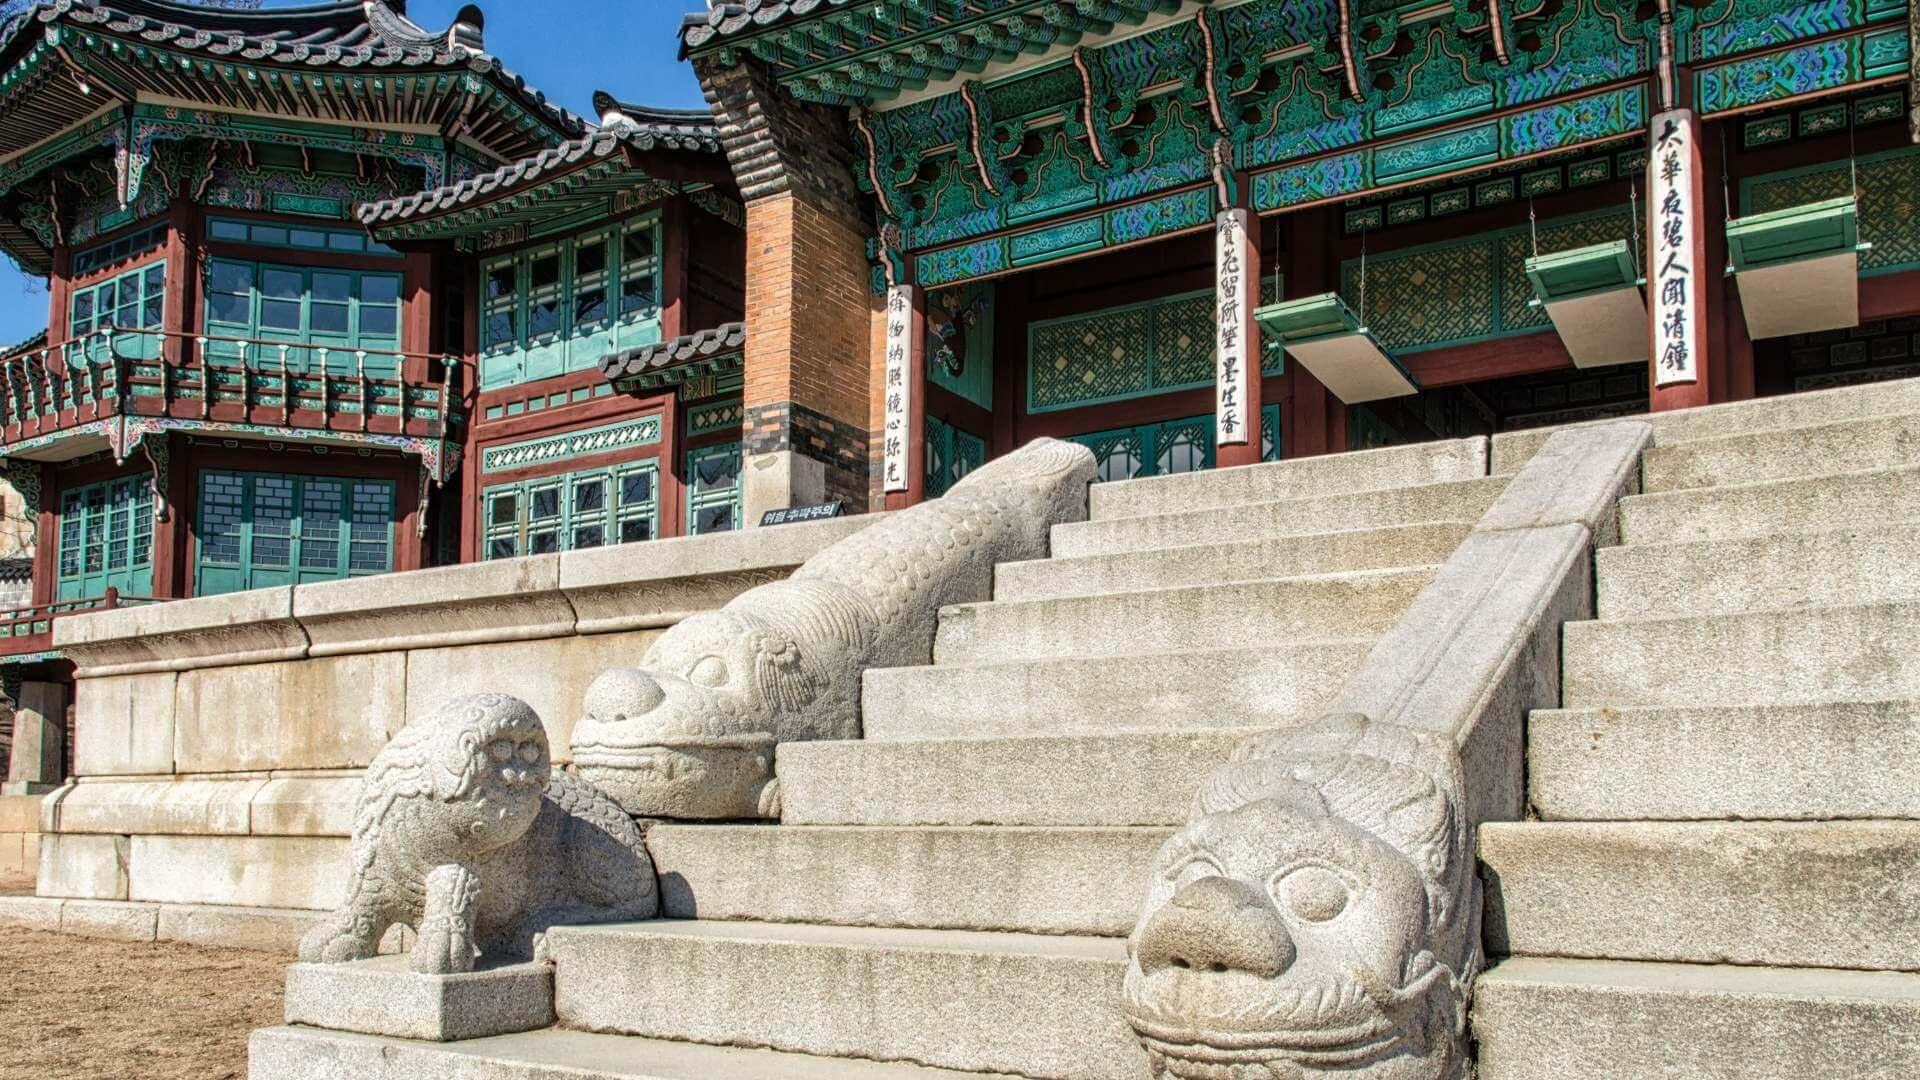 Korea Takes Steps to Avoid Tax Evasion